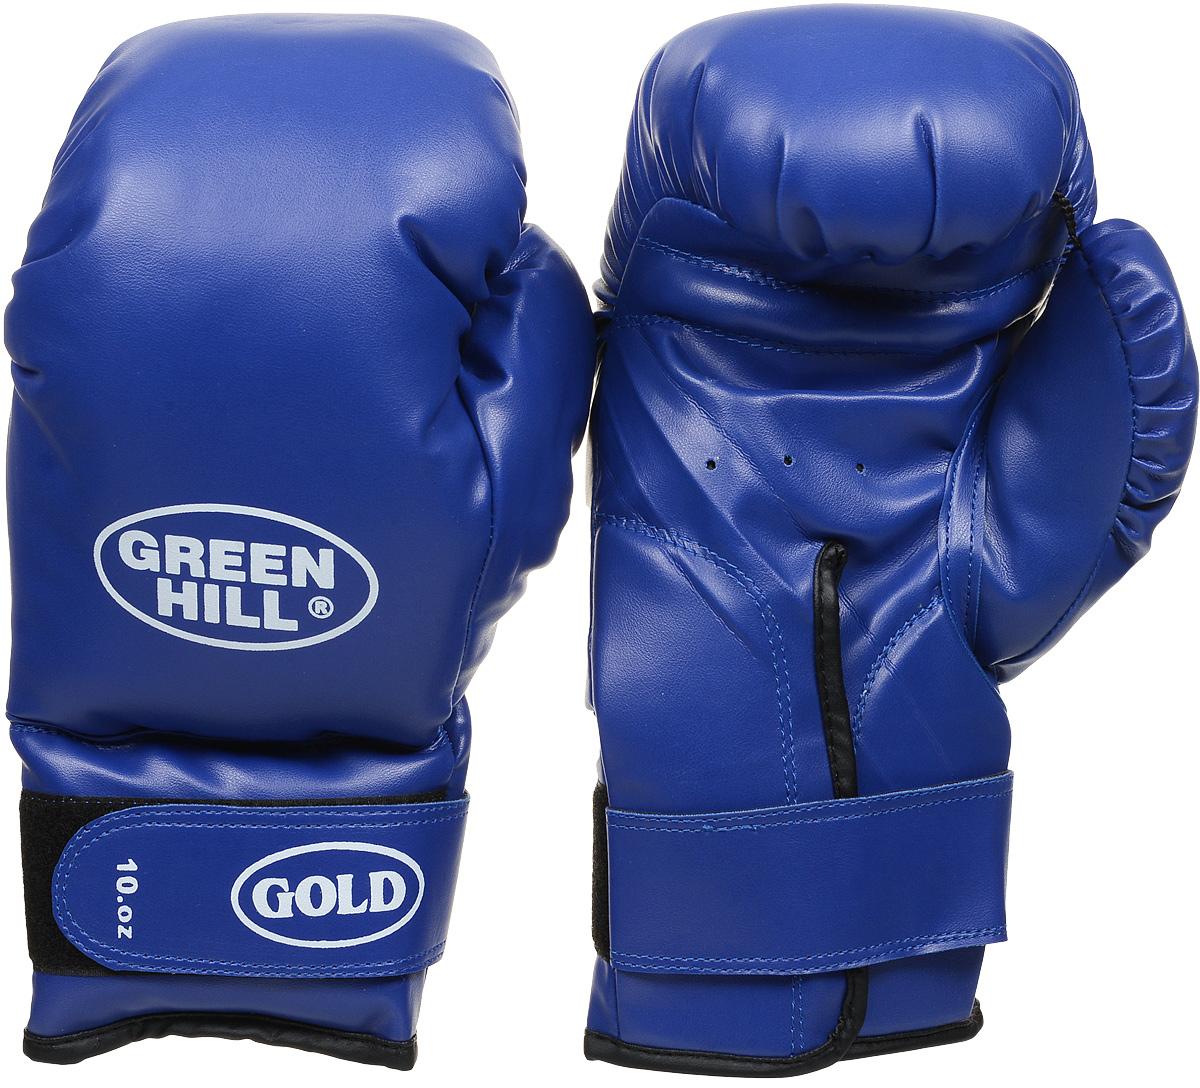 Перчатки боксерские Green Hill Gold, цвет: синий. Вес 10 унцийBGG-2030Боксерские тренировочные перчатки Green Hill Gold отлично подойдут для начинающих спортсменов. Верх выполнен из искусственной кожи. Мягкий наполнитель из очеса предотвращает любые травмы. Широкий ремень, охватывая запястье, полностью оборачивается вокруг манжеты, благодаря чему создается дополнительная защита лучезапястного сустава от травмирования. Застежка на липучке способствует быстрому и удобному одеванию перчаток, плотно фиксирует перчатки на руке.